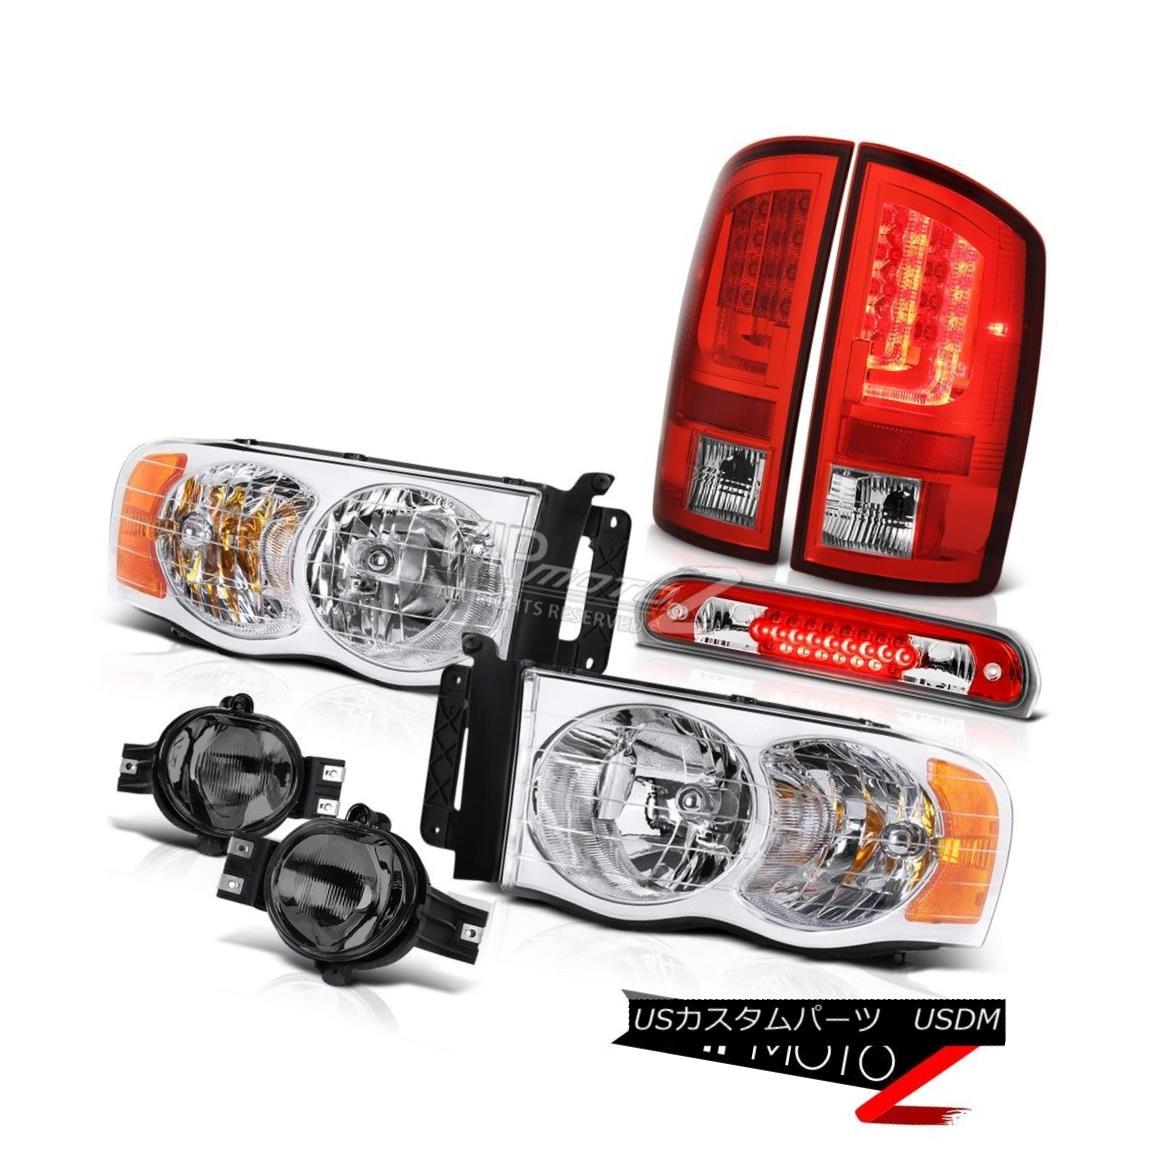 ヘッドライト 2003-2005 Dodge Ram 2500 5.9L Tail Lights Headlights Foglights High STop Lamp 2003-2005 Dodge Ram 2500 5.9LテールライトヘッドライトFoglights High STOPランプ